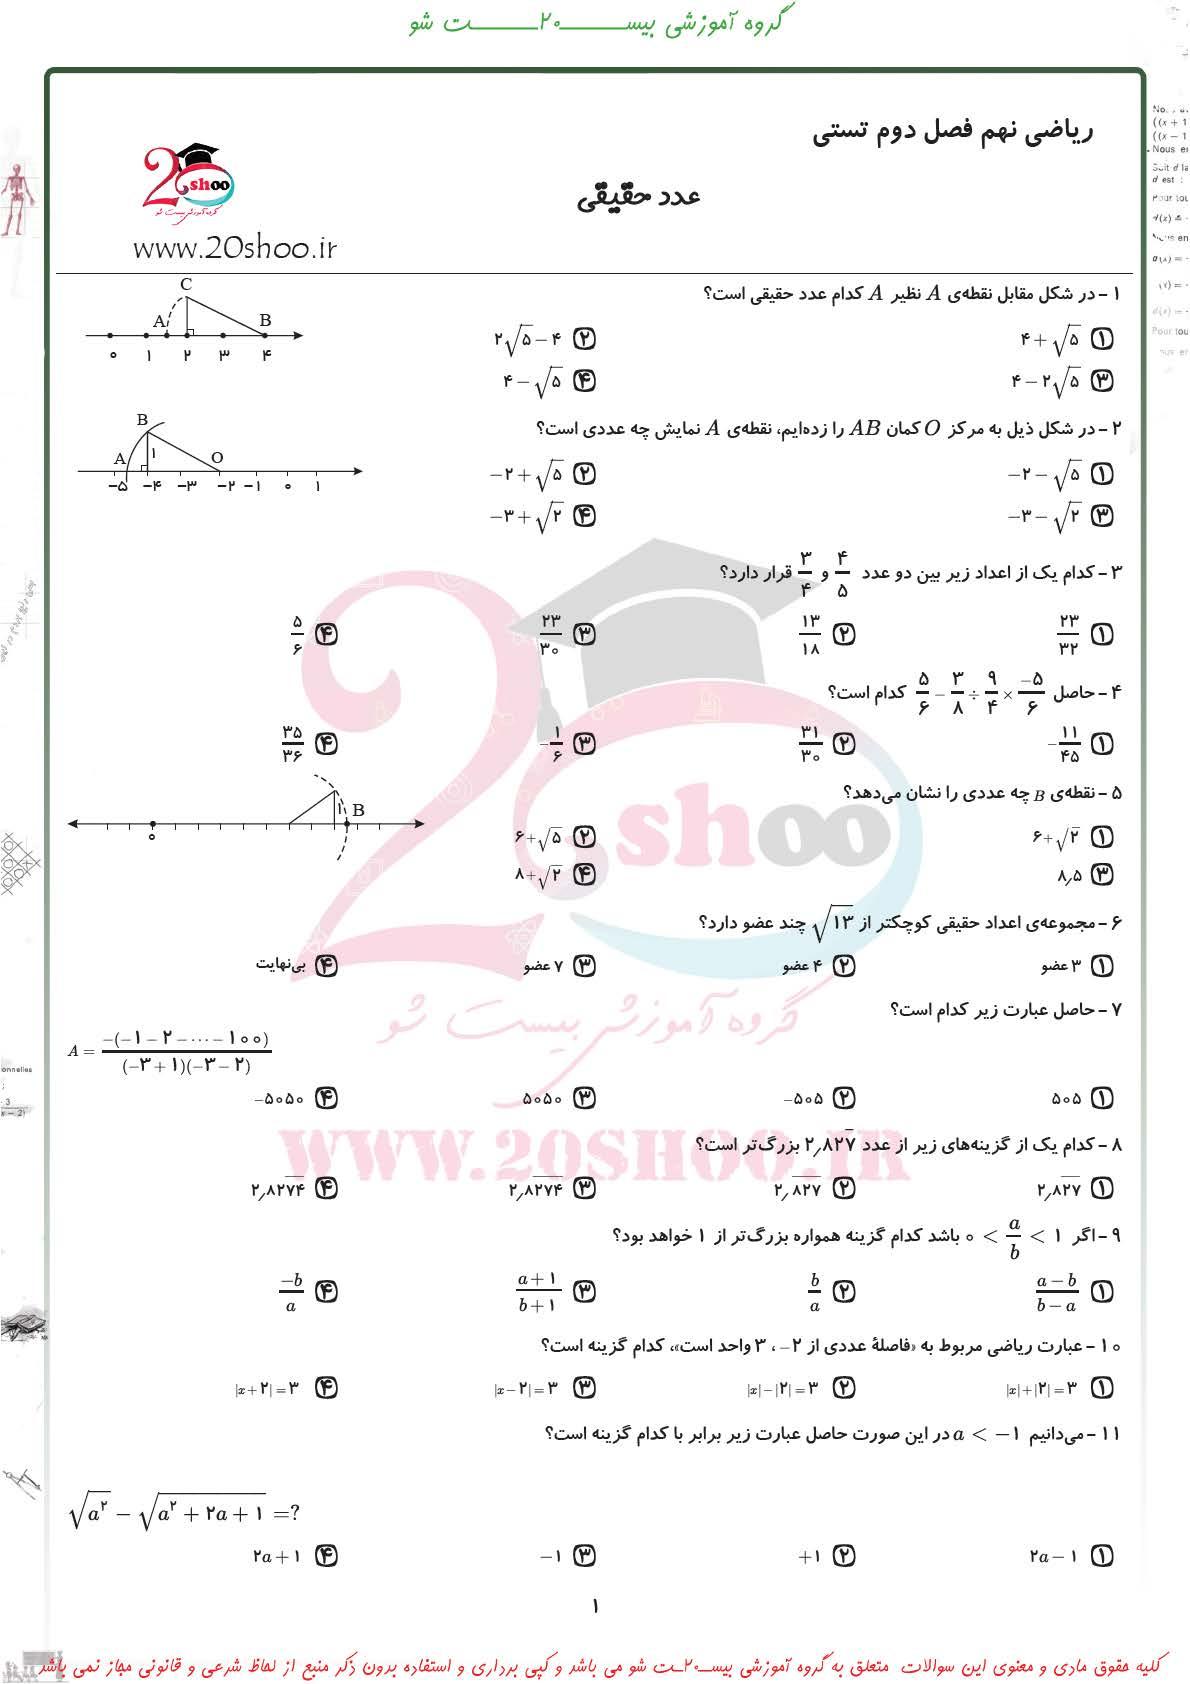 ریاضی نهم فصل دوم تستی